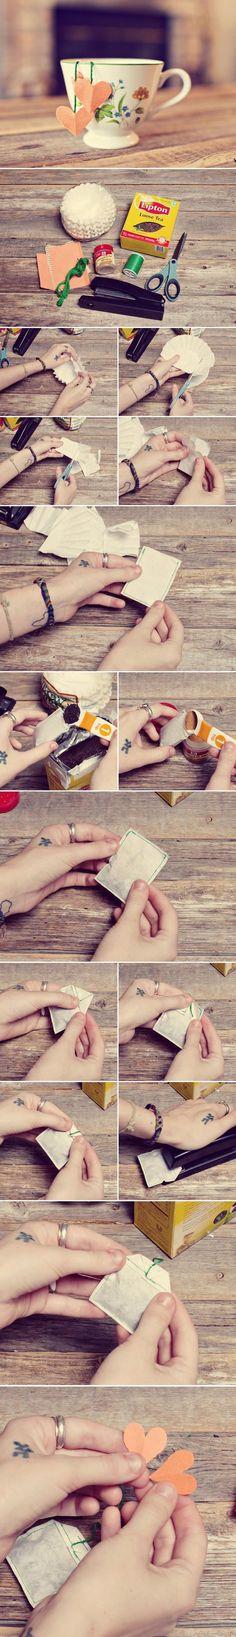 HAZ TUS PROPIOS TÉS. Materiales necesarios: filtros de café (o cápsulas para magdalenas), Tijeras, máquina de coser, las hojas sueltas de té, grapadora, hilos, papel para etiquetas (las páginas de viejos libros, cartulinas, etc), Opcional: Especias (canela,jengibre molido...). Paso 1 - Cortar dos cápsulas en un rectángulo. Paso 2 - Coserlos, tres de sus lados, dejando uno de los lados más pequeños abiertos. Paso 3 - Llene la bolsa de té con las hojas de té sueltas.